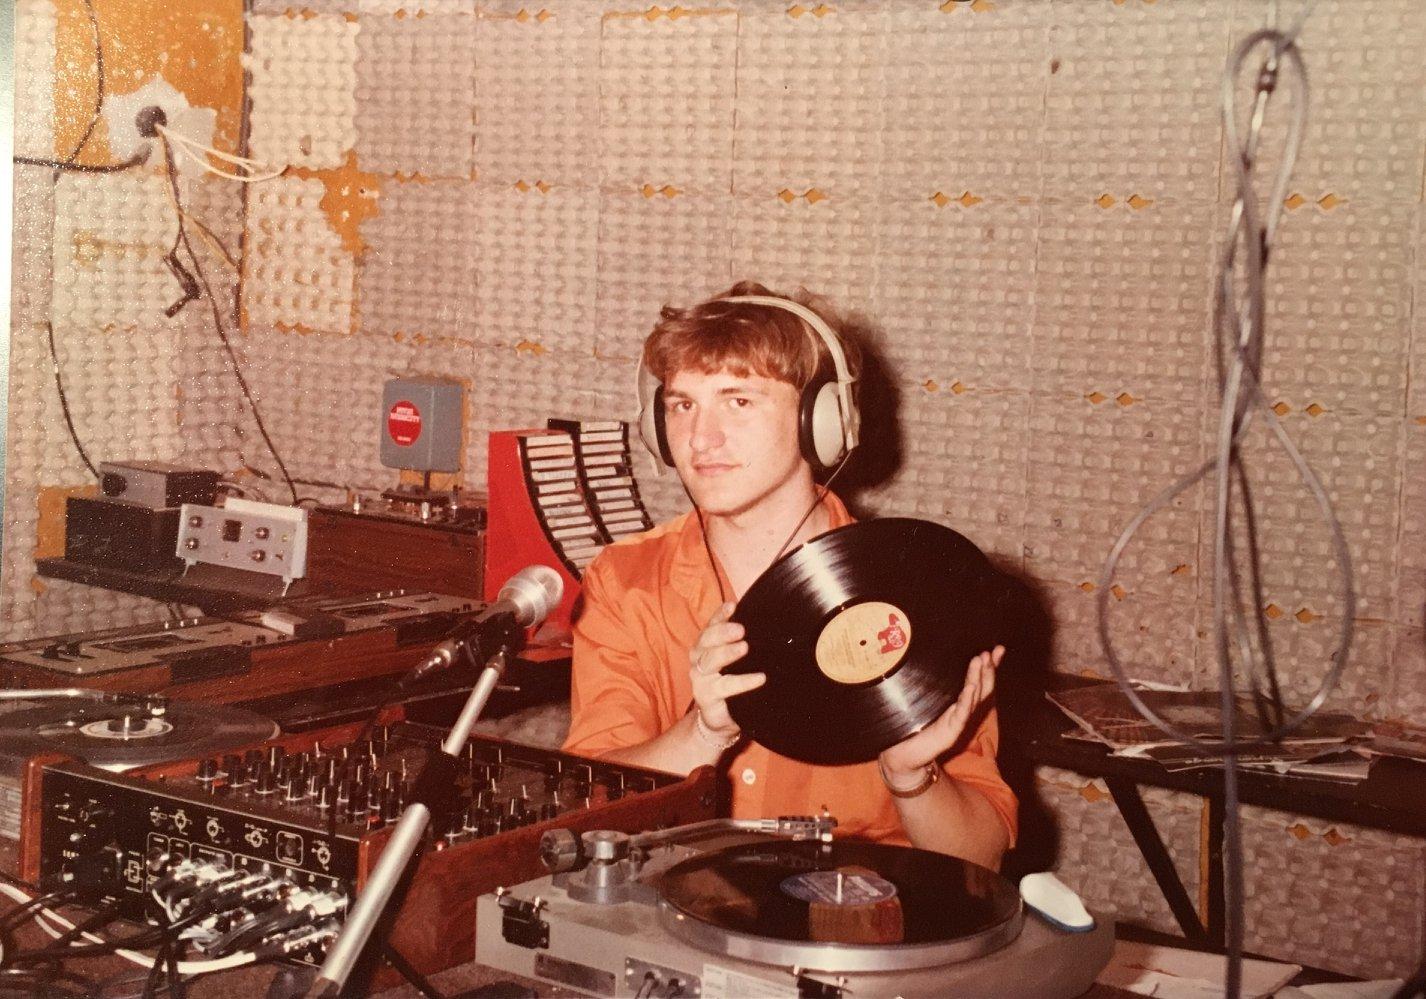 Pavia Radio City studio - Storia della Radiotelevisione italiana. Novembre 1975: 86 radio libere riunite a Firenze per il primo censimento radiofonico italiano